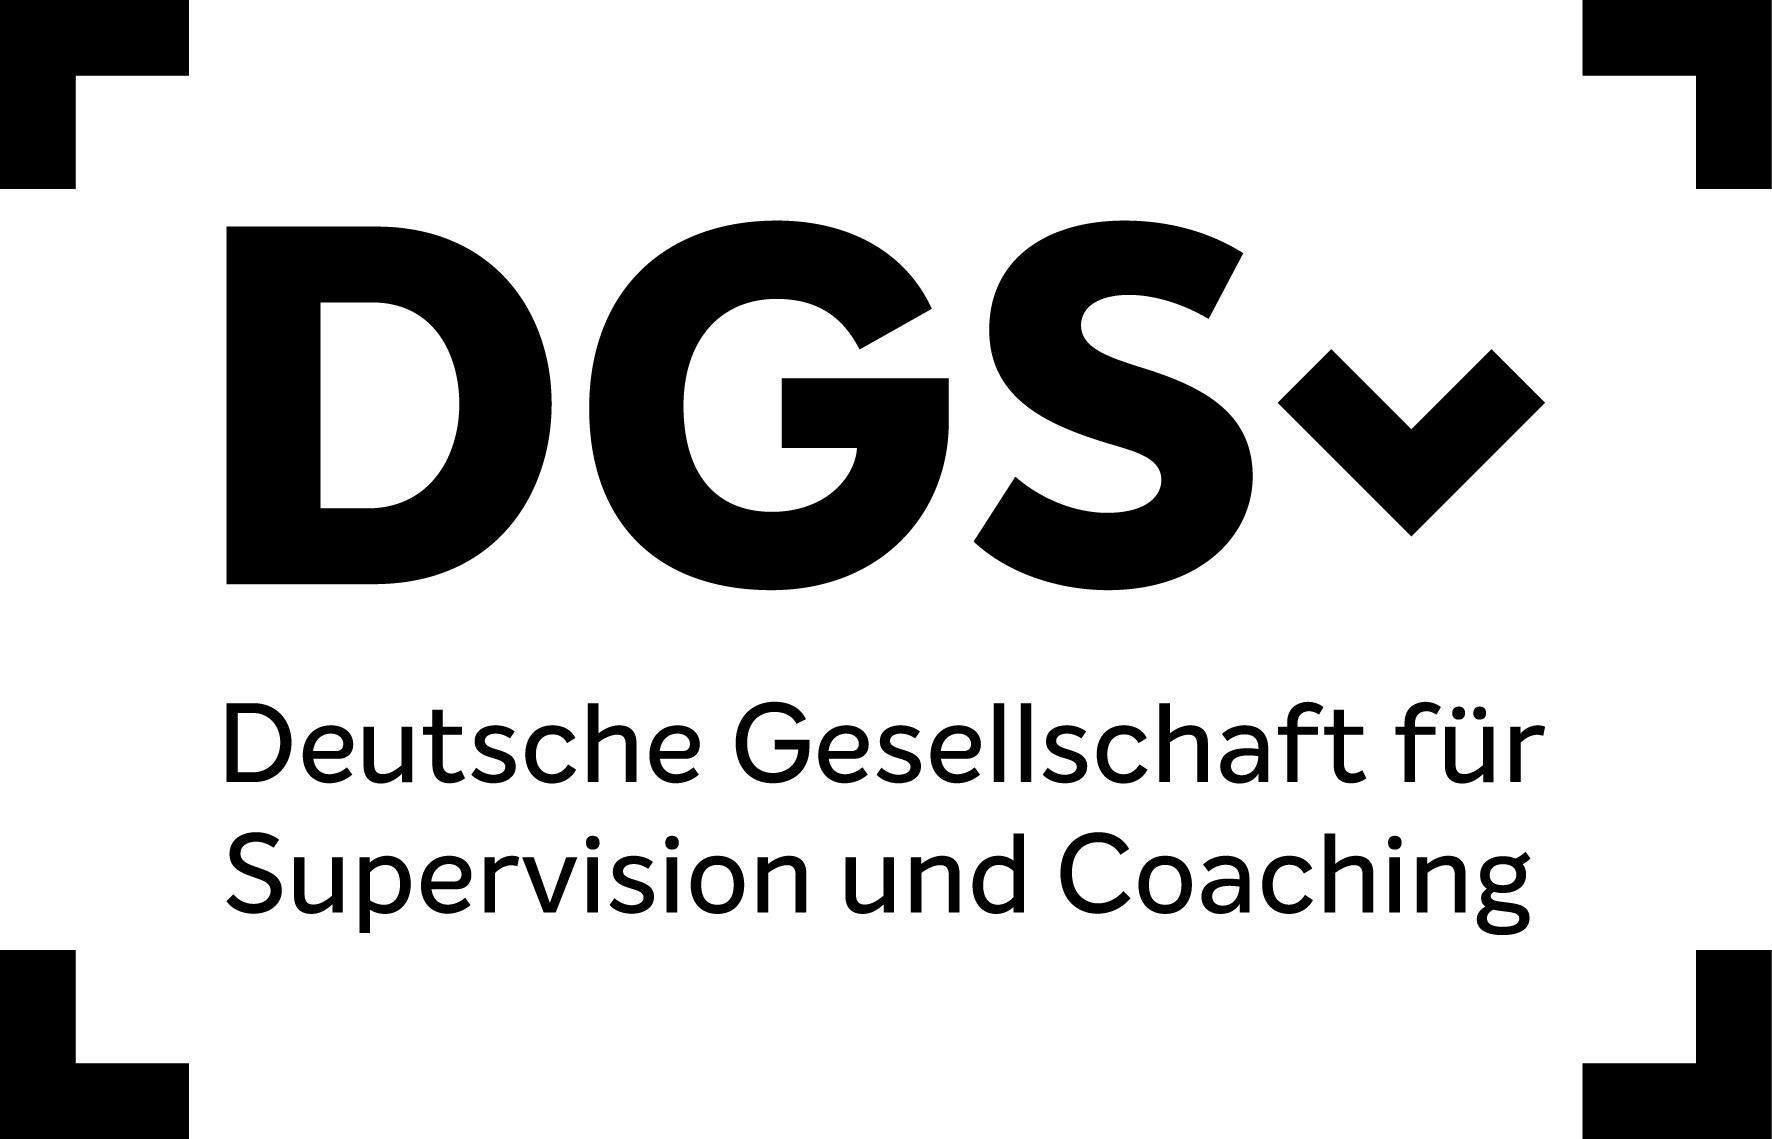 DGSv Deutsche Gesellschaft für Supervision und Coaching